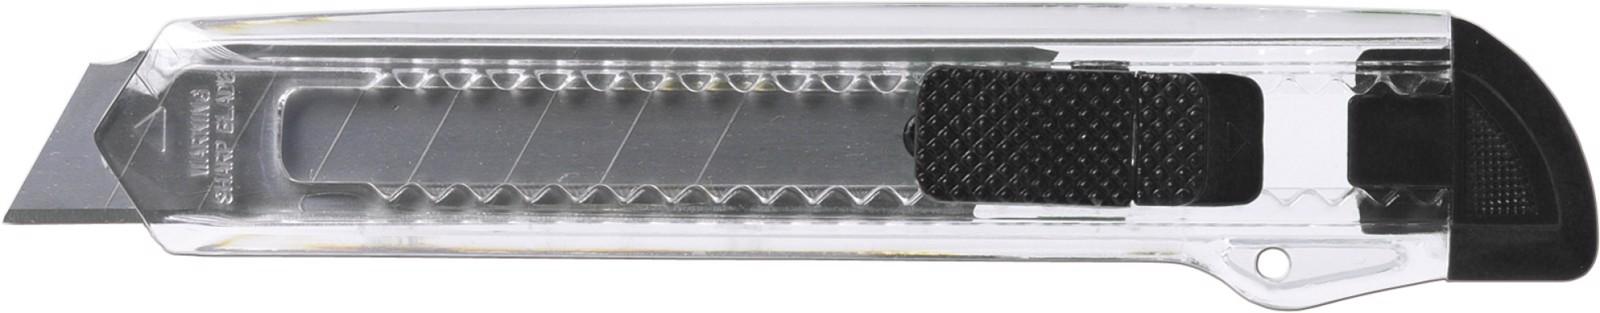 Metal hobby knife - Black